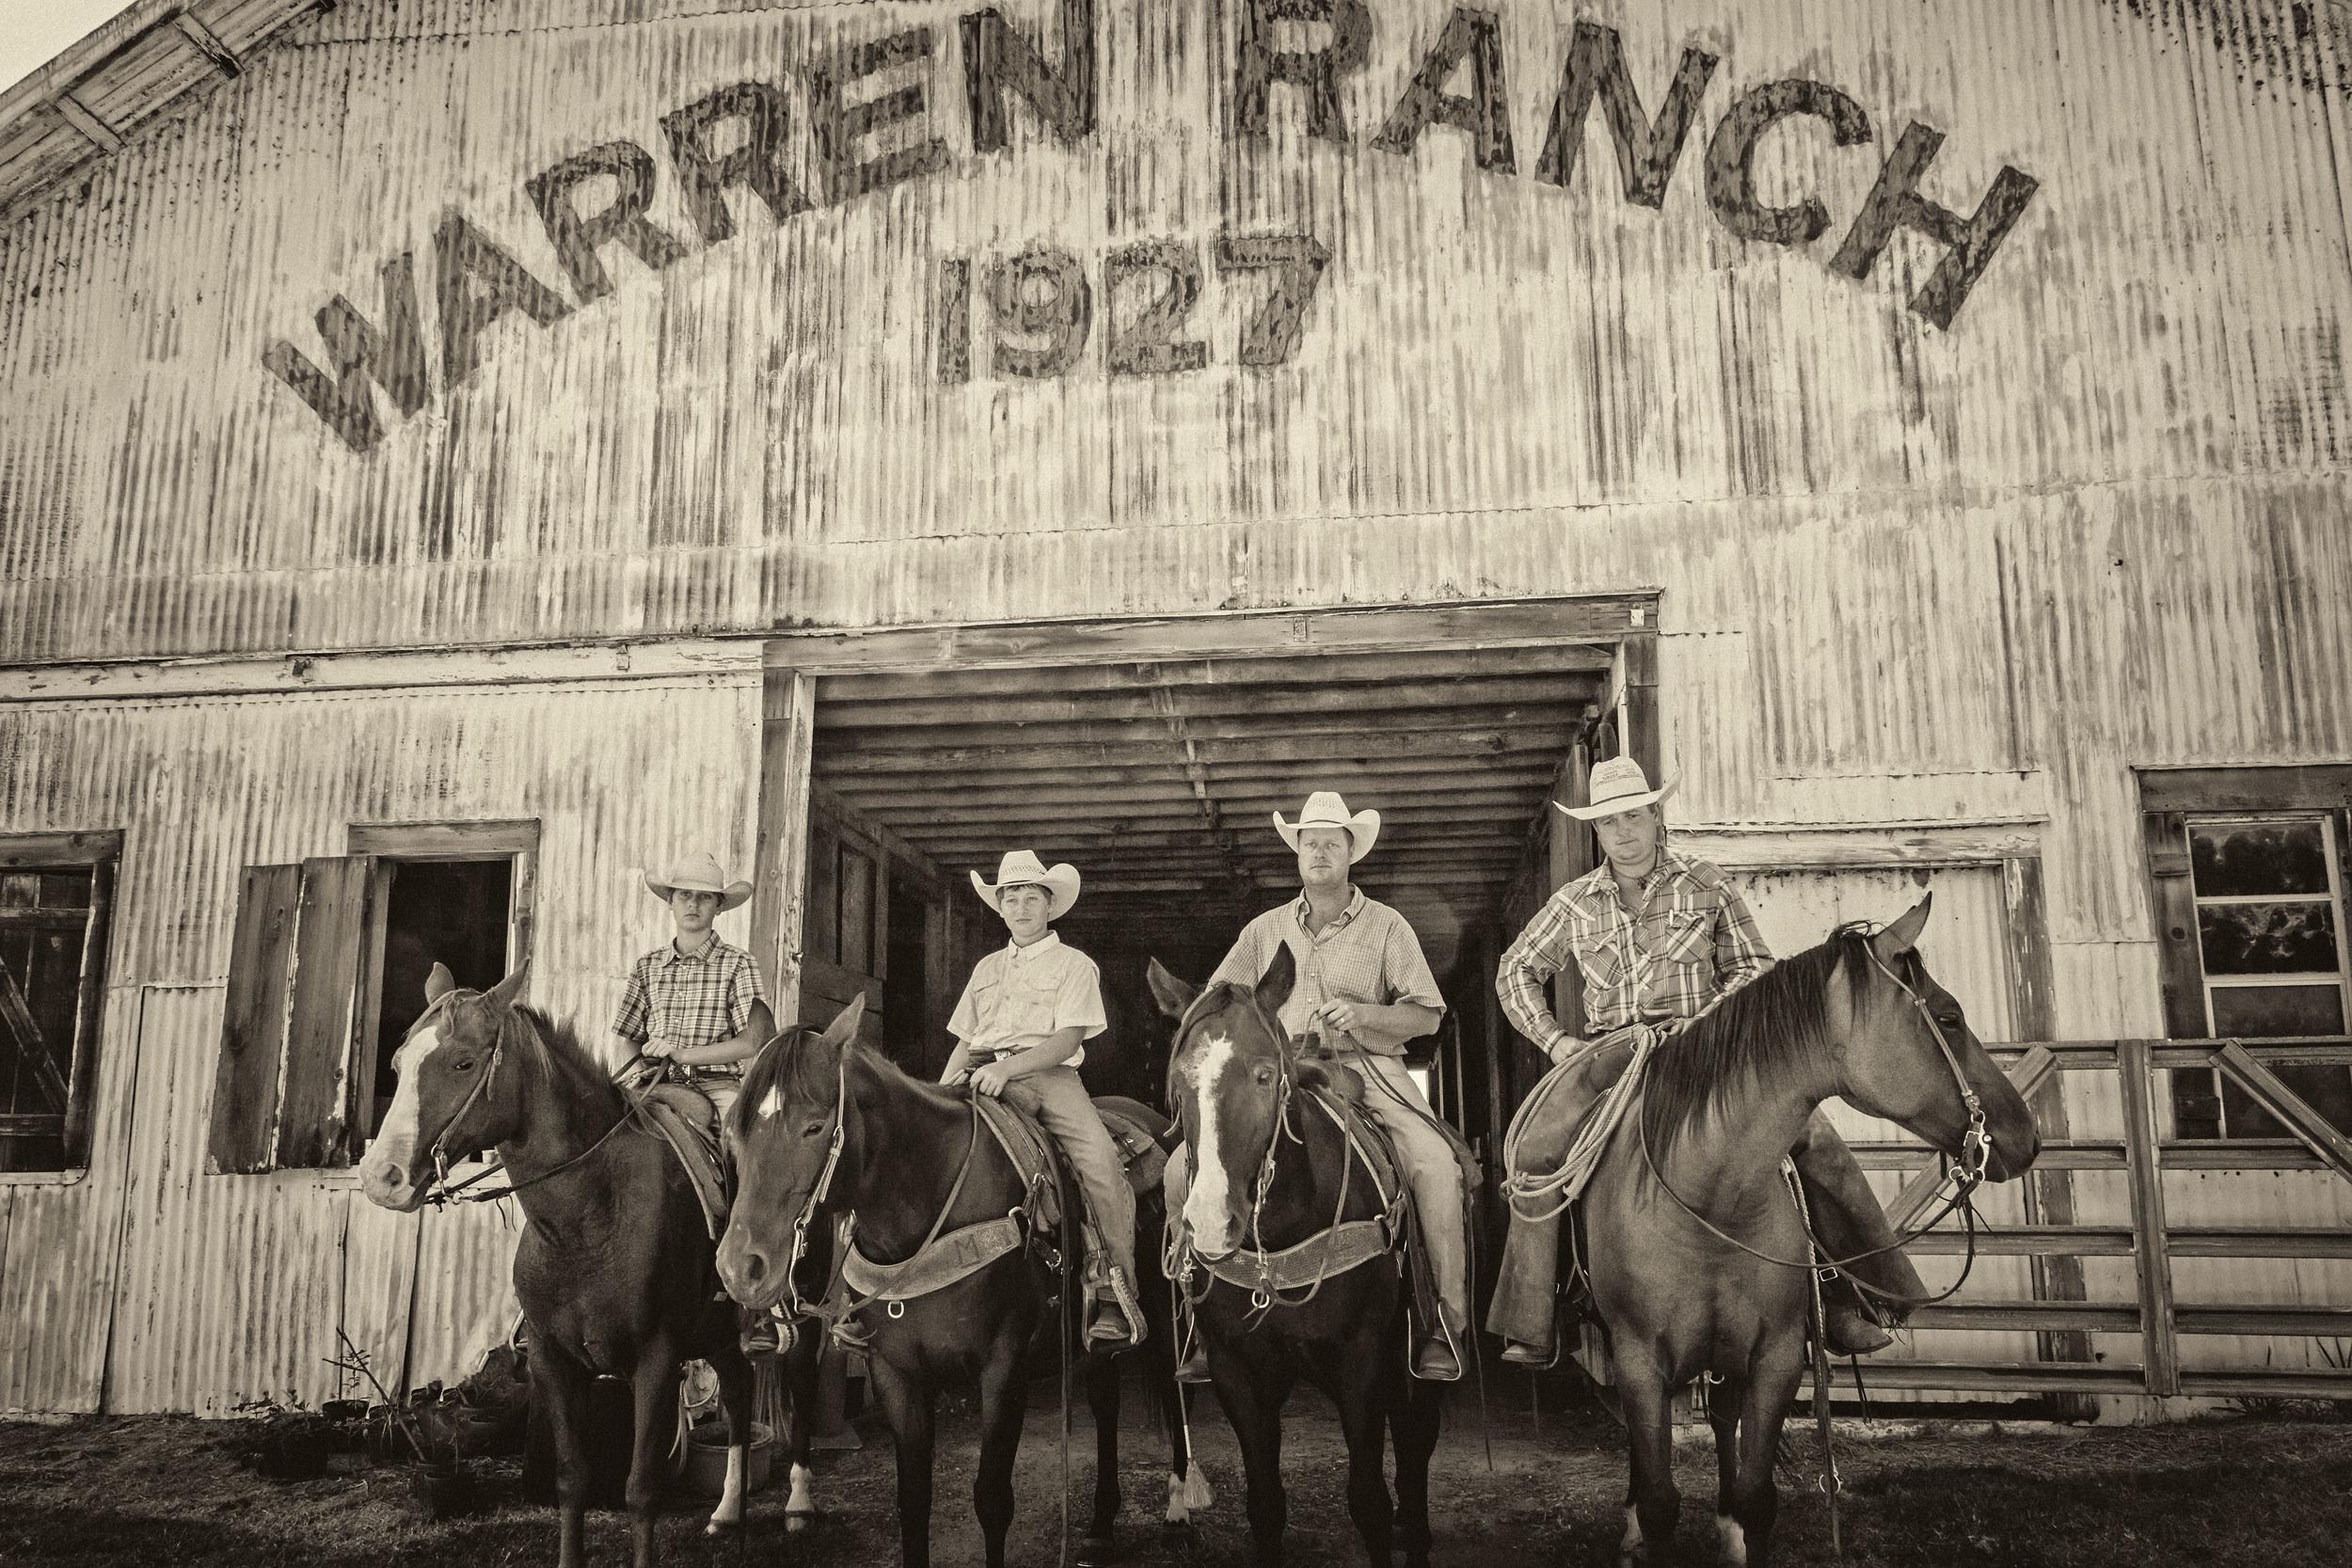 Cowboys on Horses KAC7942tt.jpg